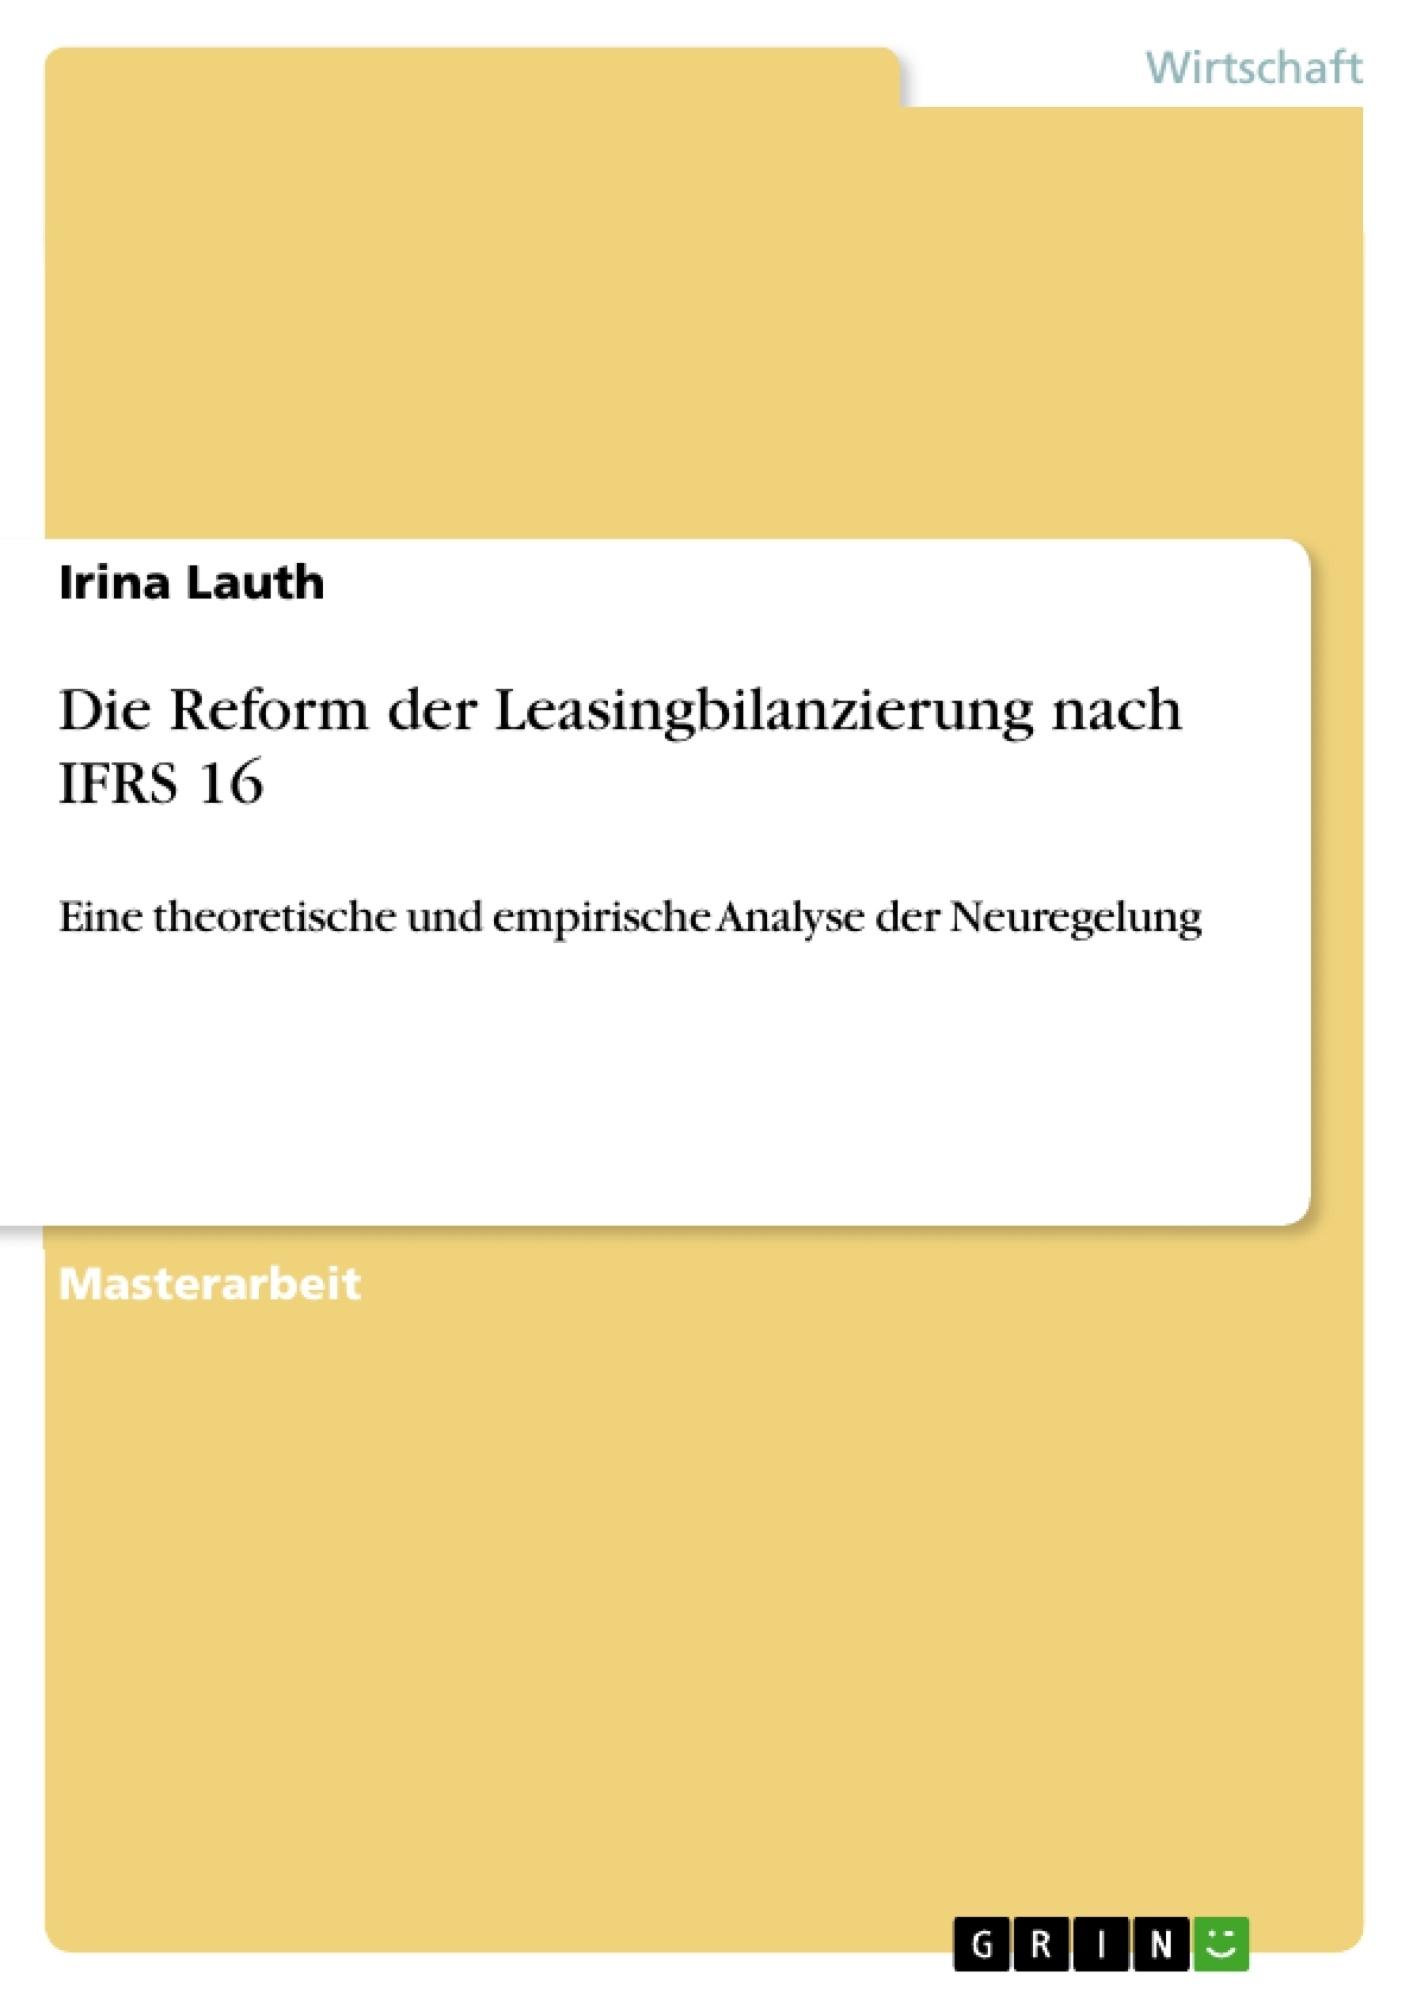 Titel: Die Reform der Leasingbilanzierung nach IFRS 16